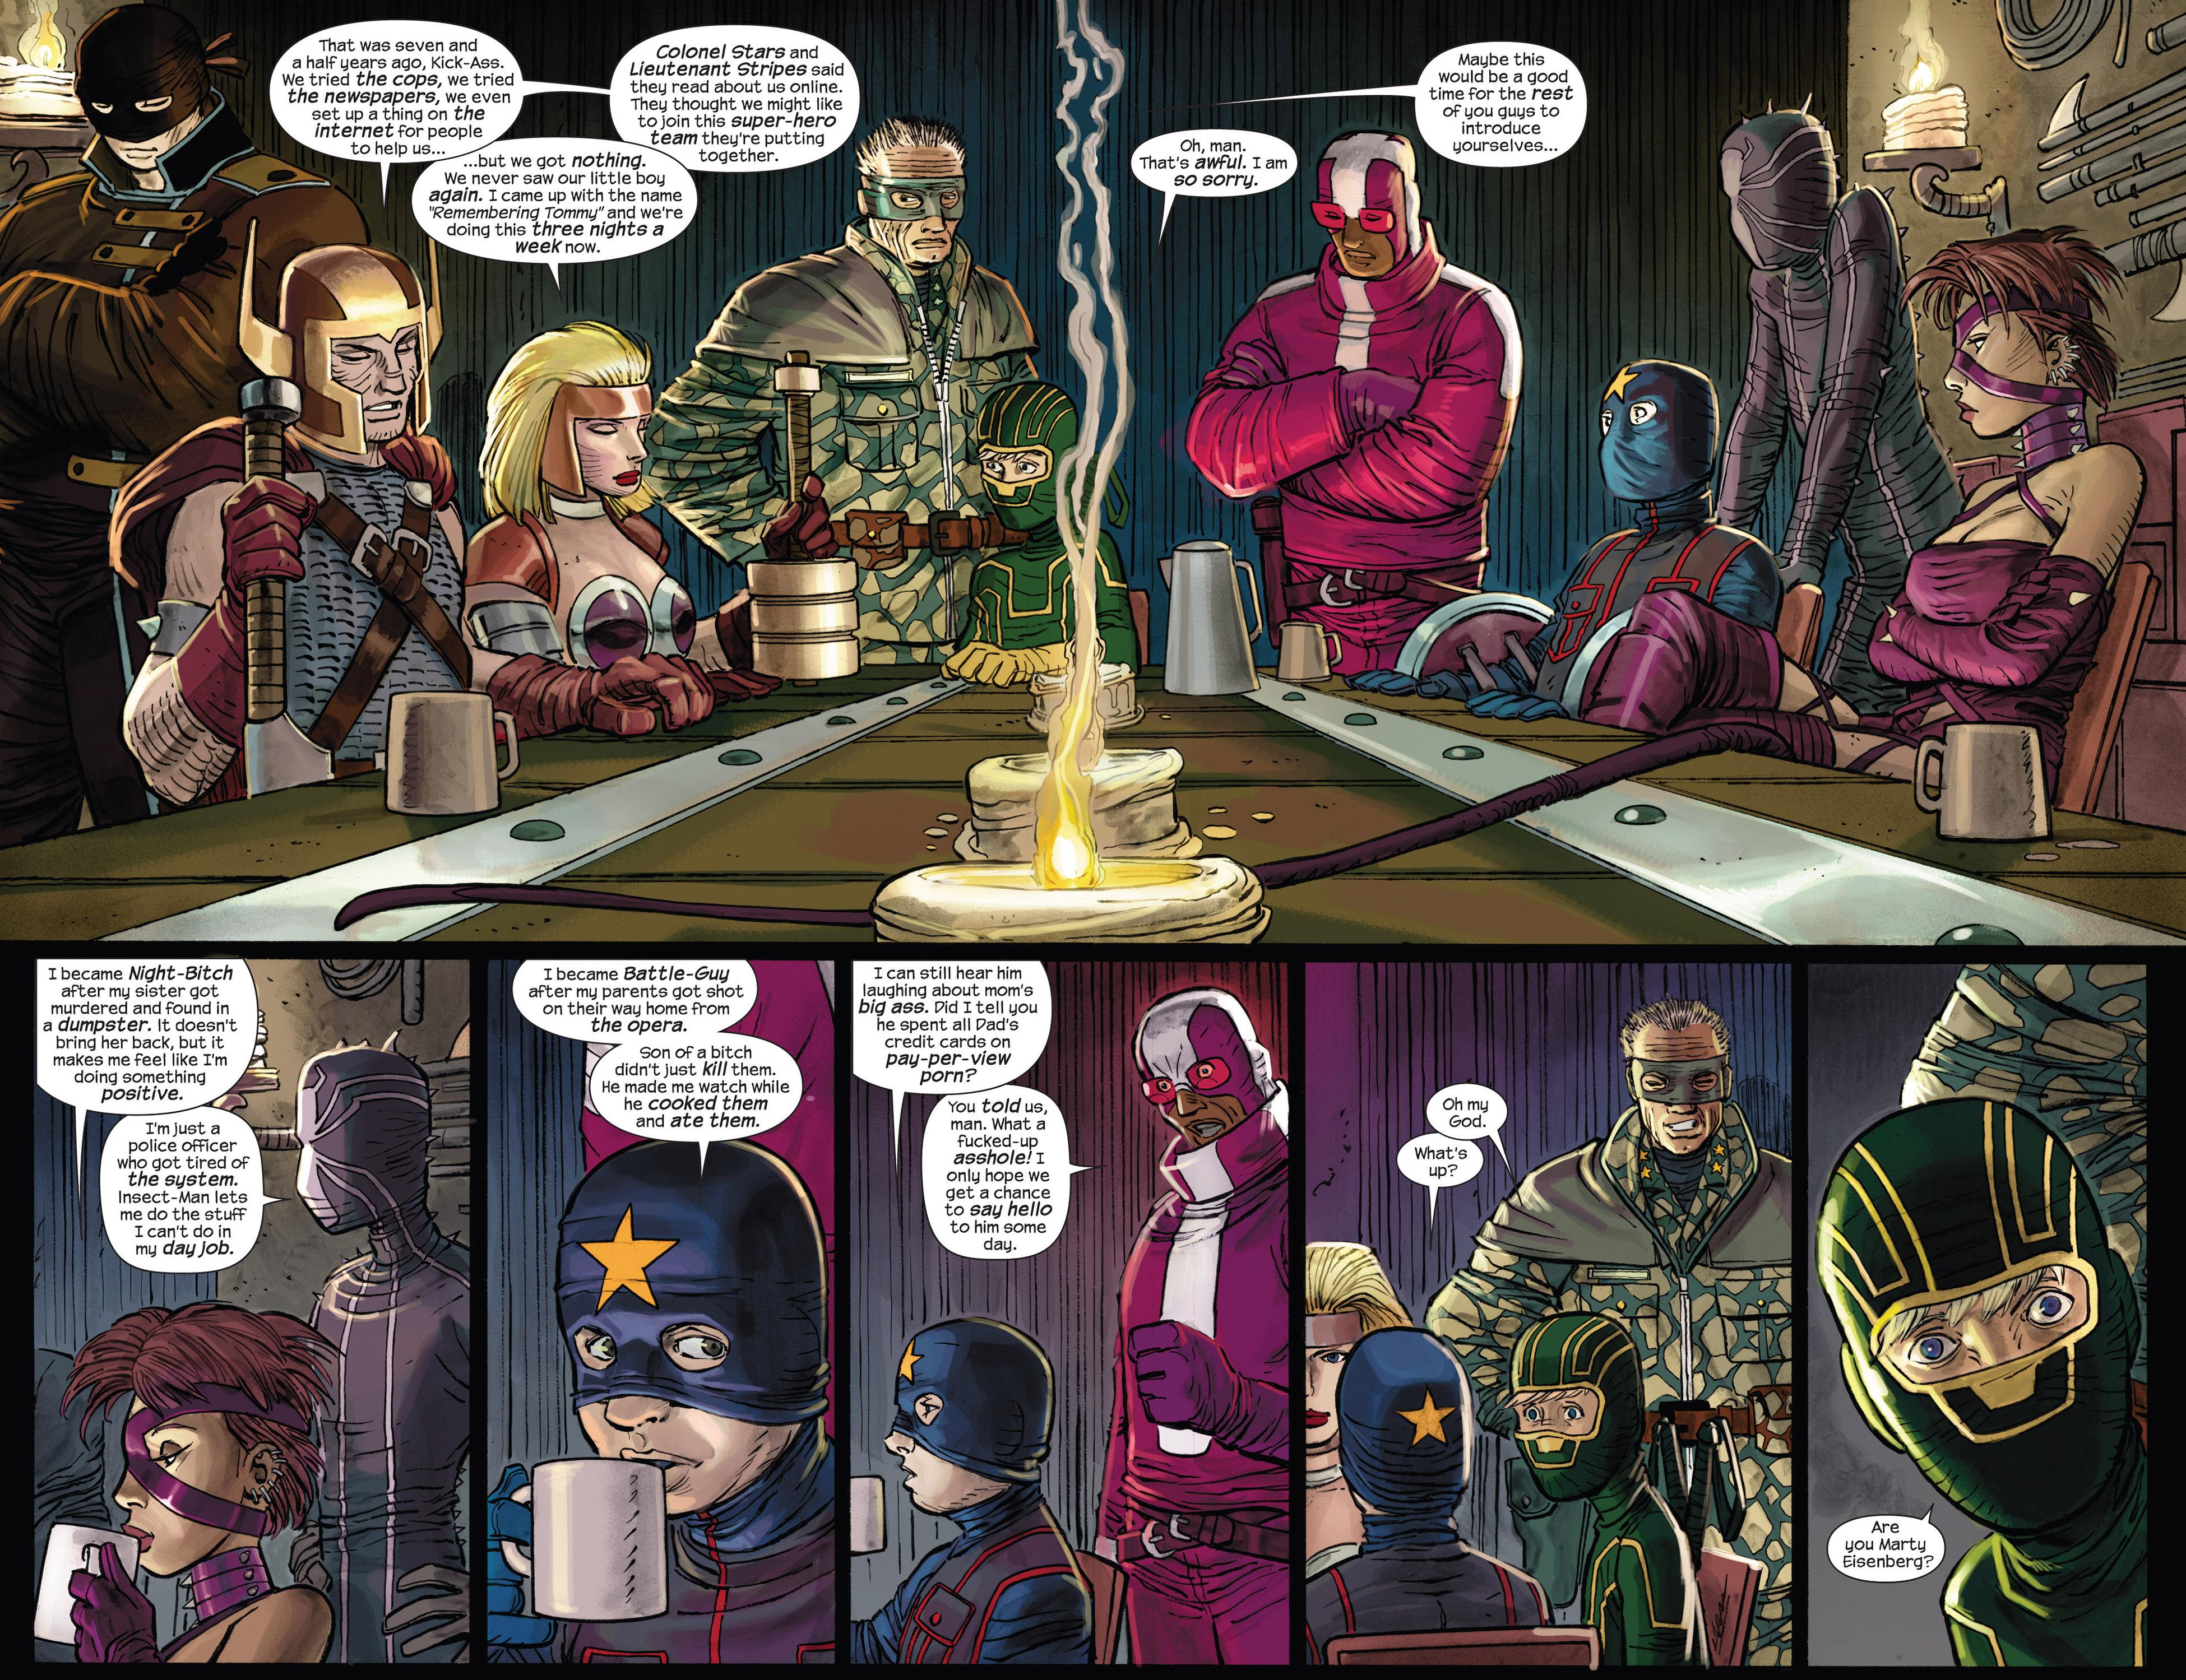 Kick Ass 2 Issue 3   Read Kick Ass 2 Issue 3 comic online